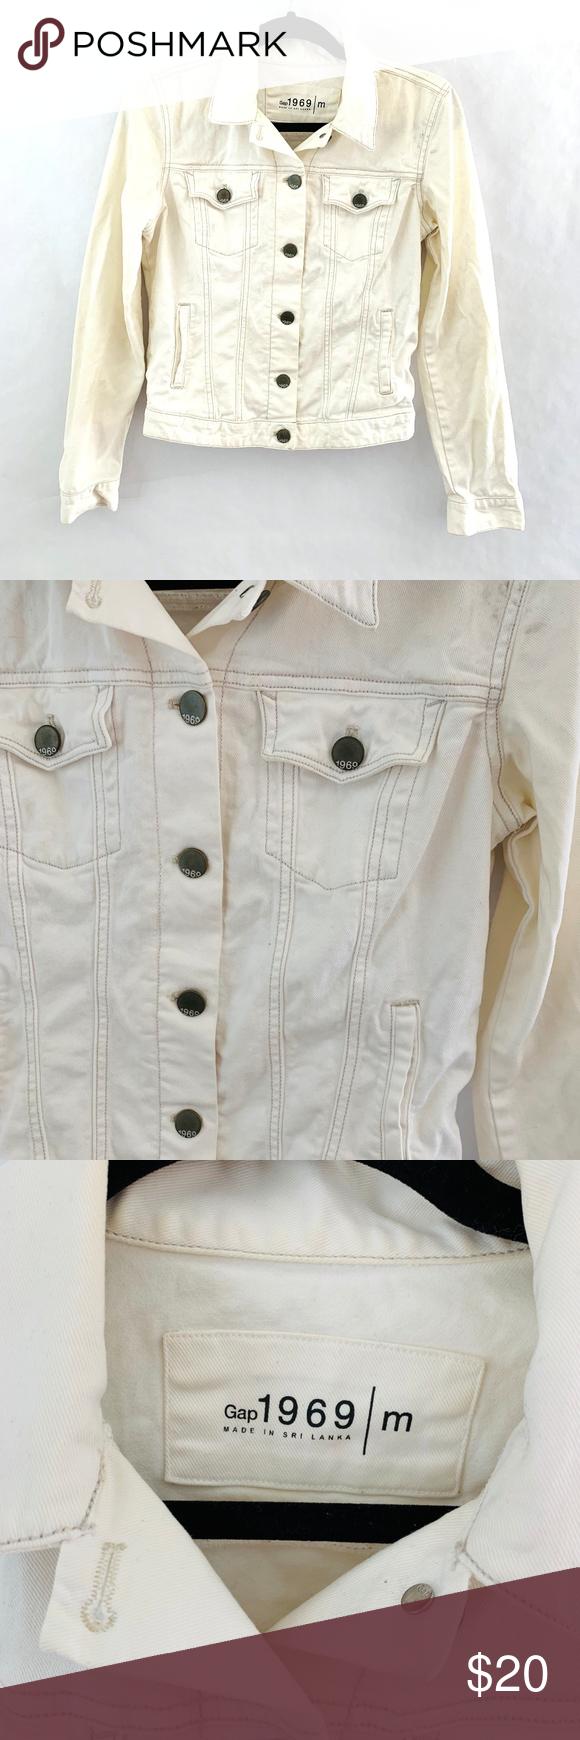 Gap 1969 White Denim Jean Jacket Button Front Gap 1969 White Denim Jean Jacket Button Front Size M Cropped This J White Denim Jeans White Denim Jacket Buttons [ 1740 x 580 Pixel ]